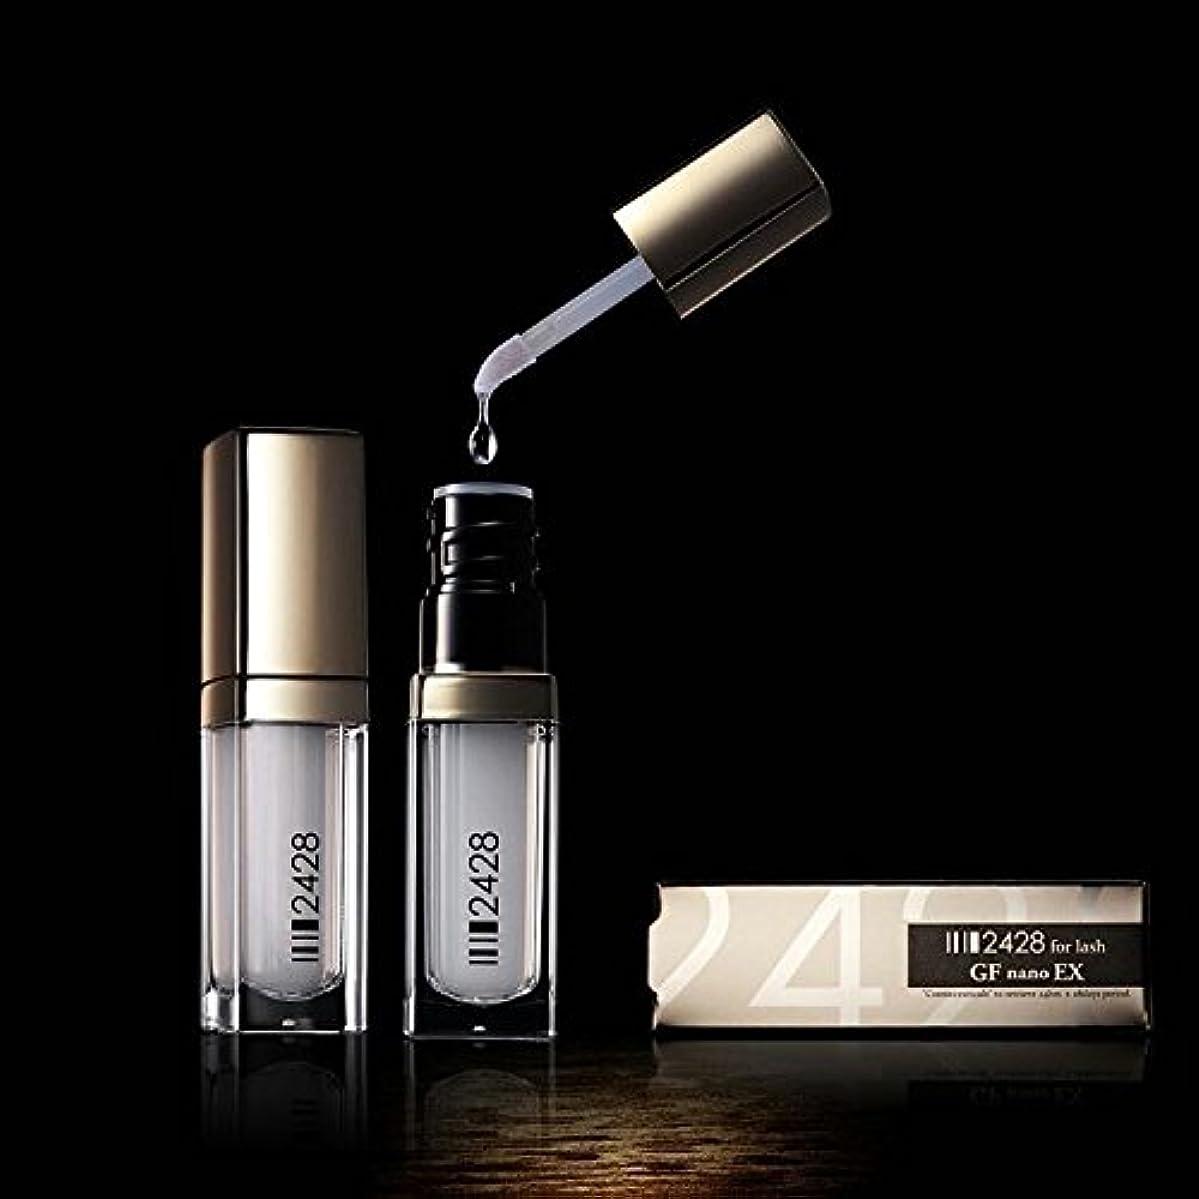 阻害する一構造美容液2428 for lash GF nano EX まつげ美容液